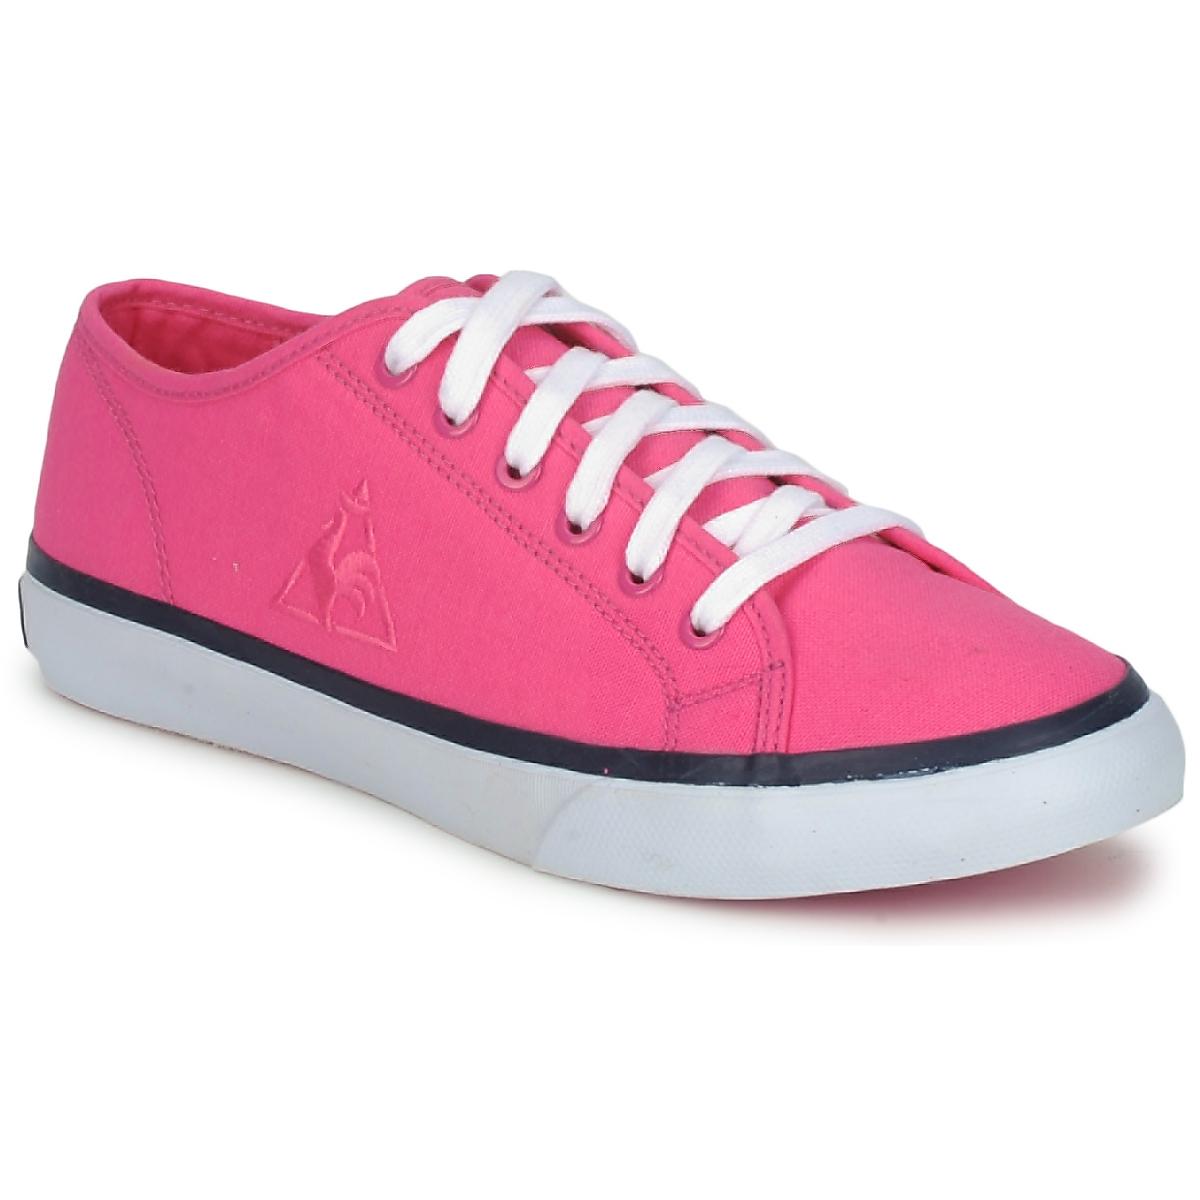 Mi armario de zapatos el calzado deportivo es exclusivo - Armarios para zapatos ...